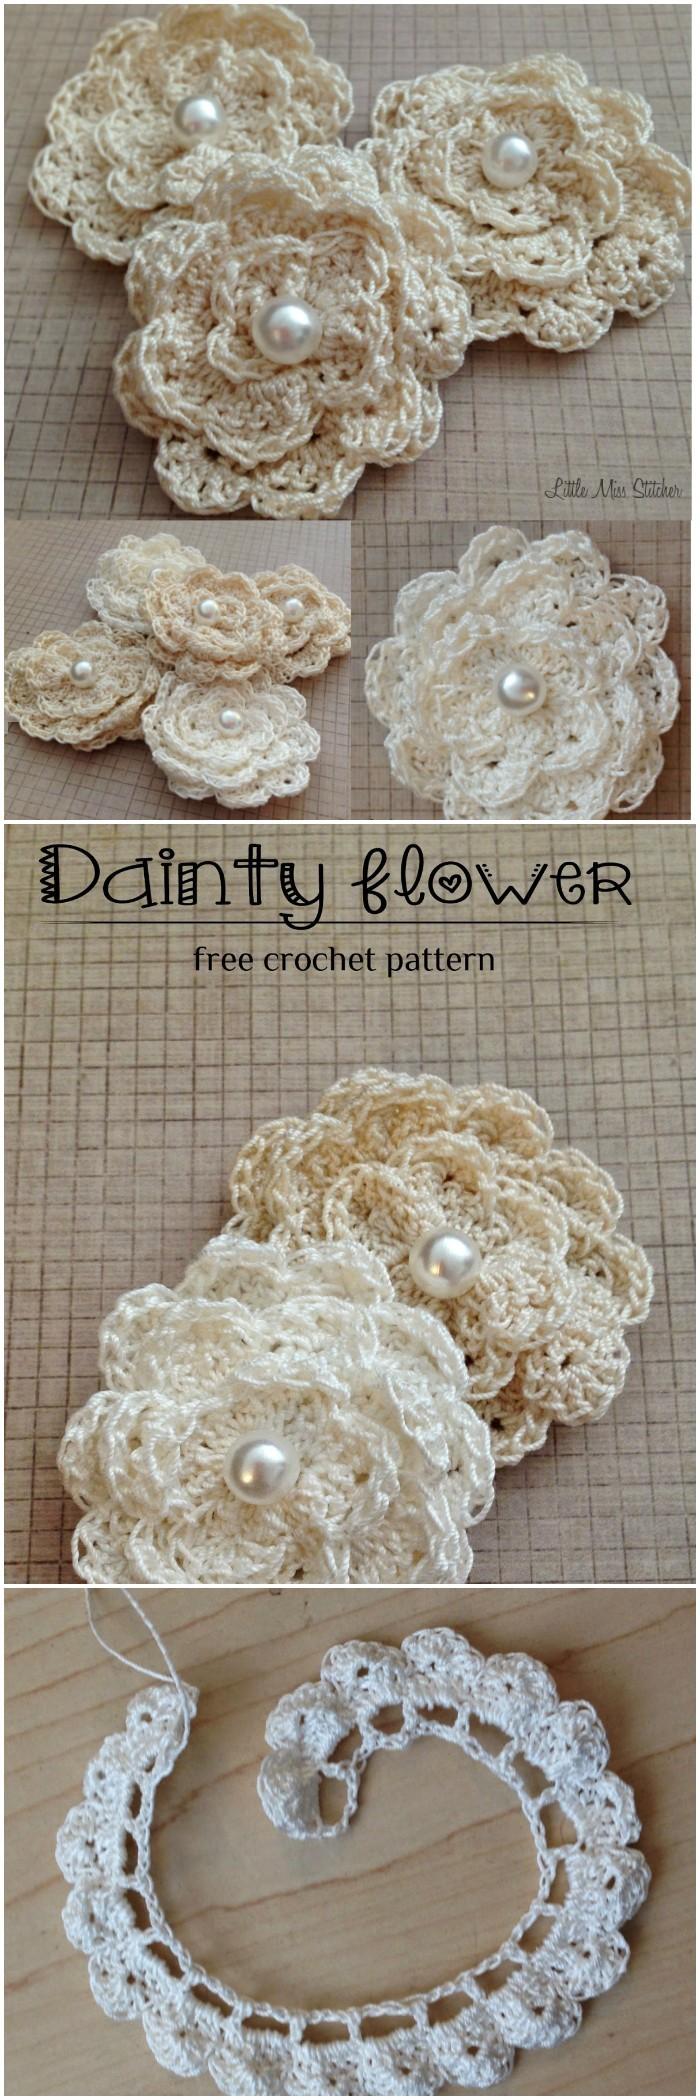 Dainty Flowers Free Crochet Pattern